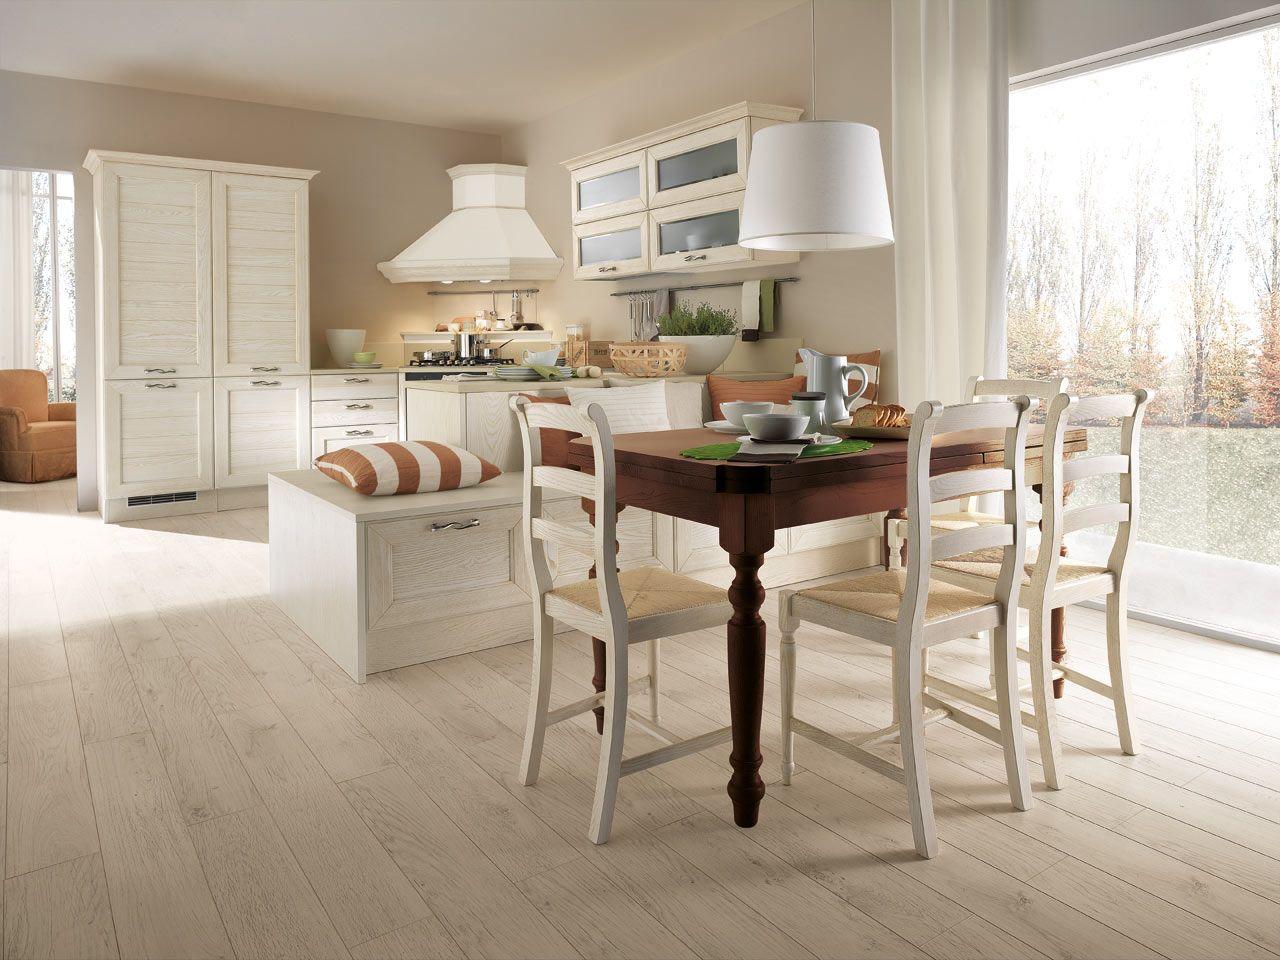 Cucina Mobili Cucina E Complementi Cucine #4F652B 1280 960 Panca Angolare X Cucina